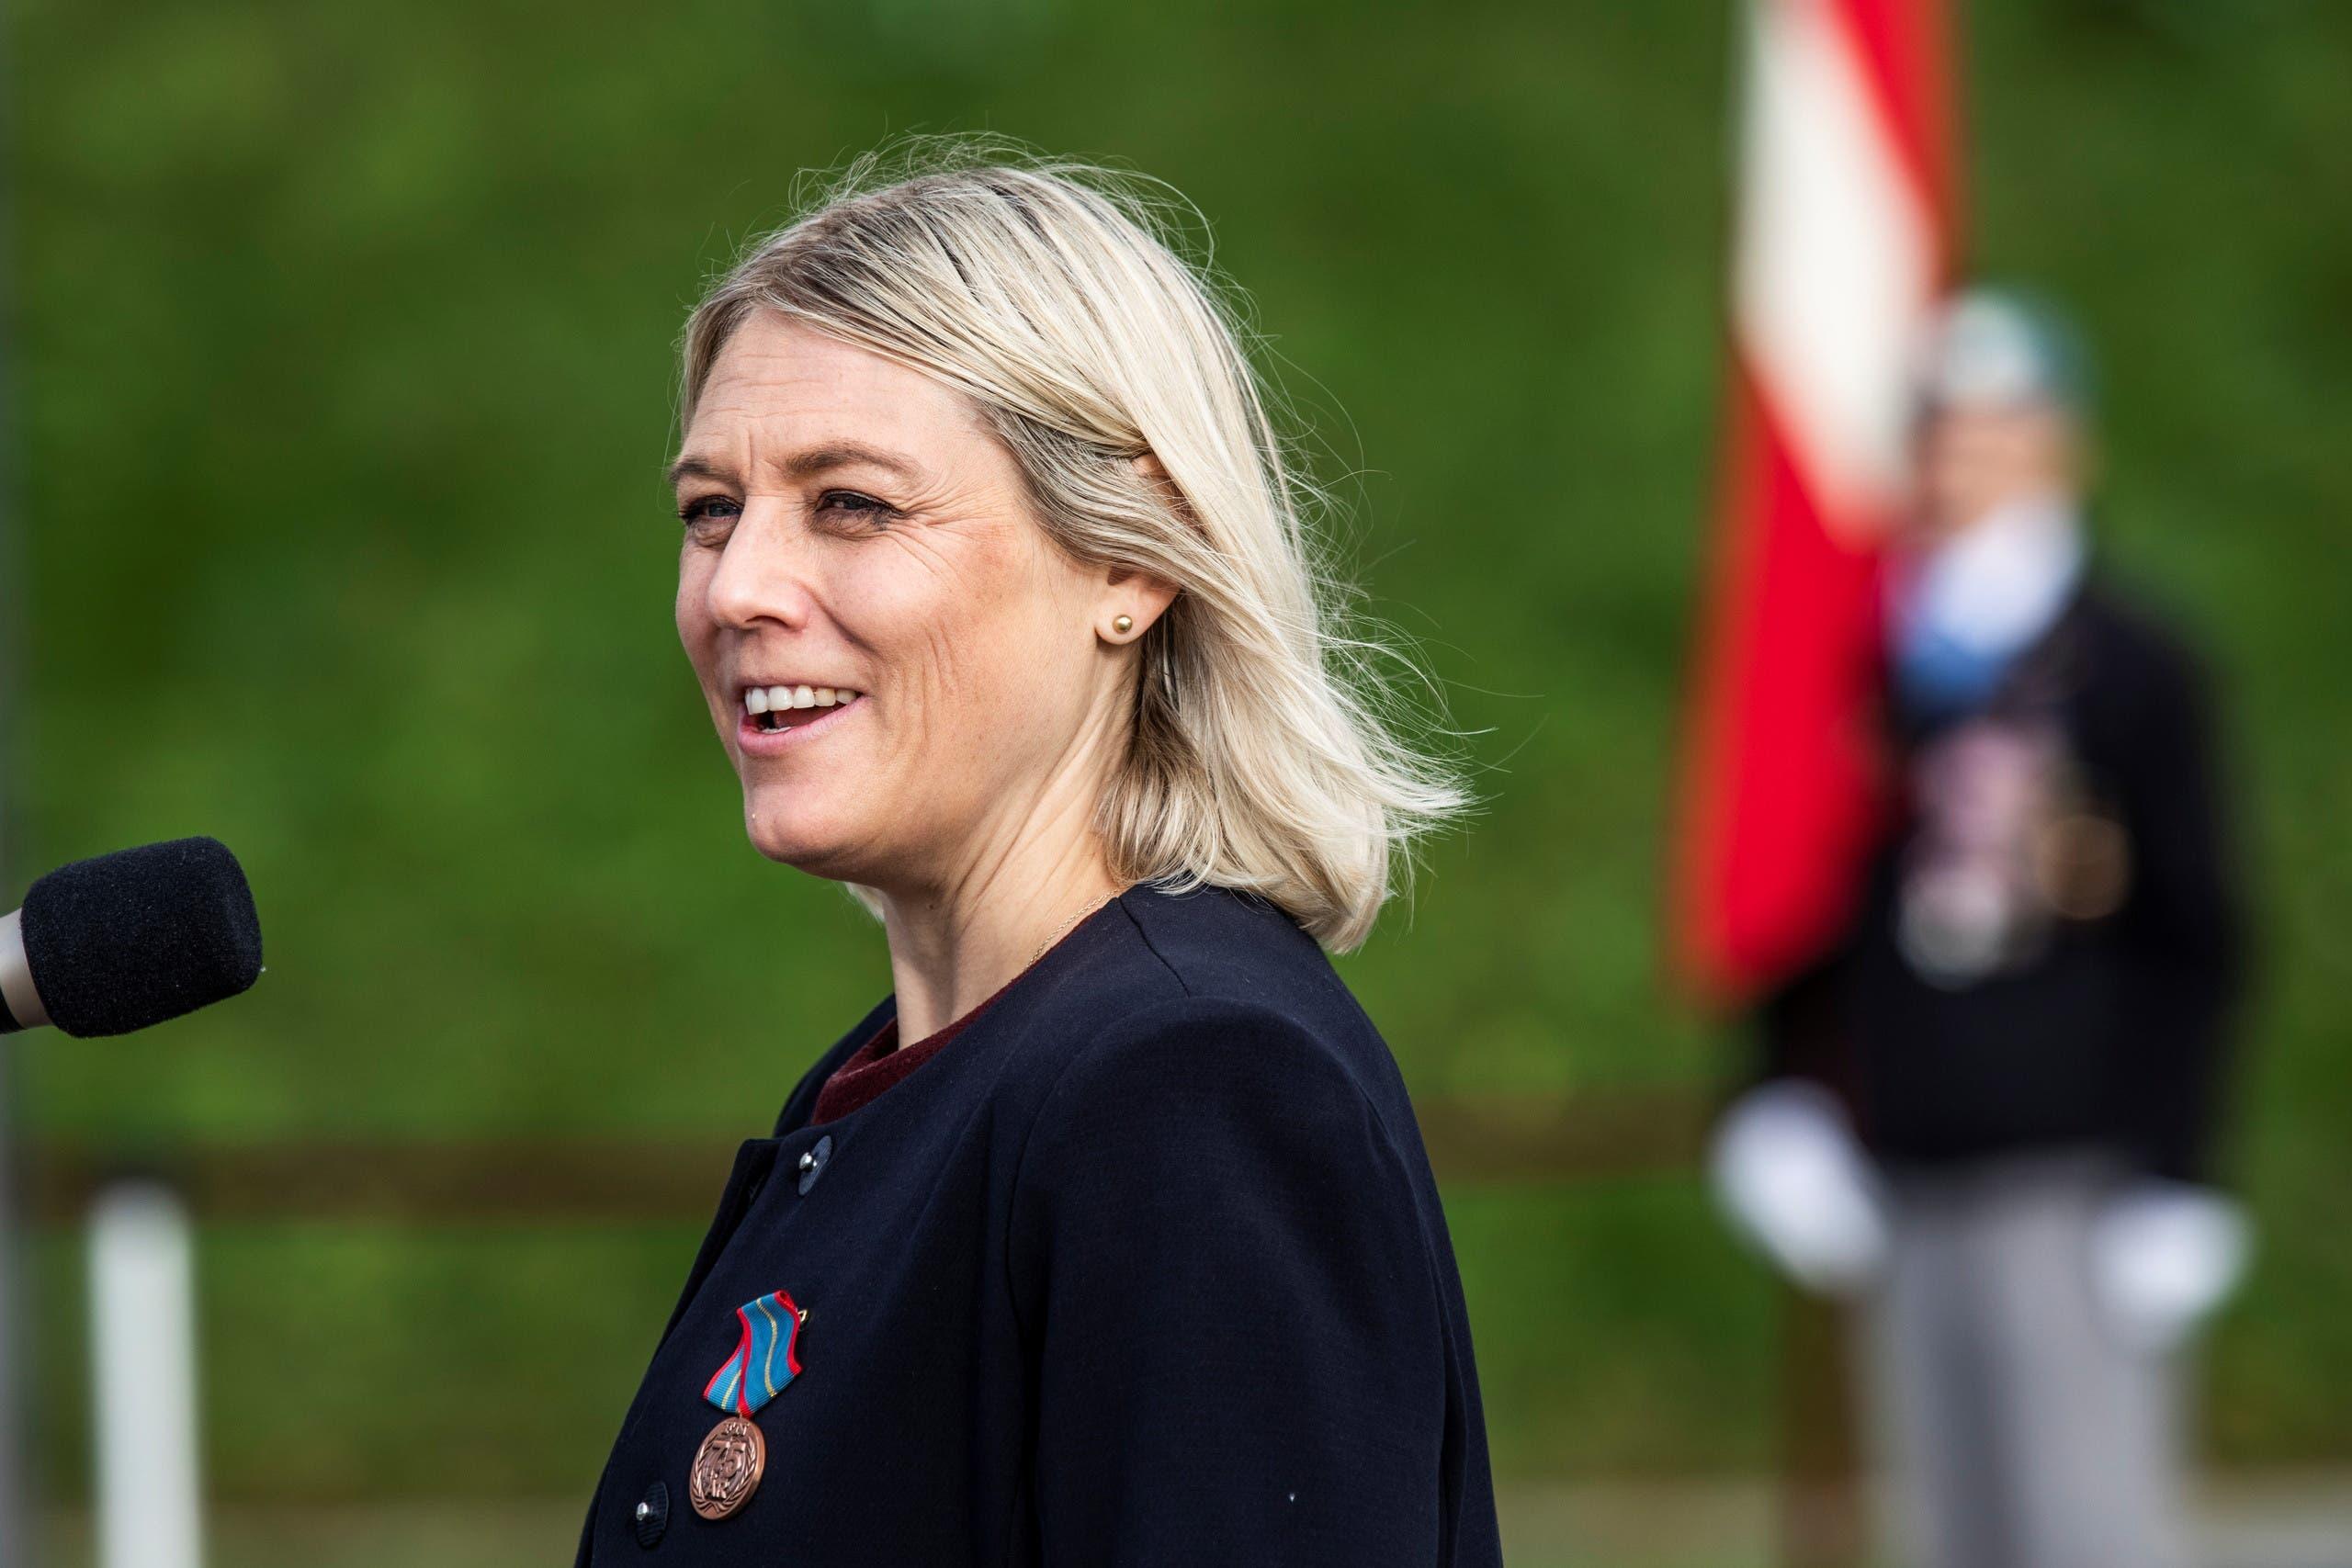 وزيرة الدفاع الدنماركية ترين برامسن